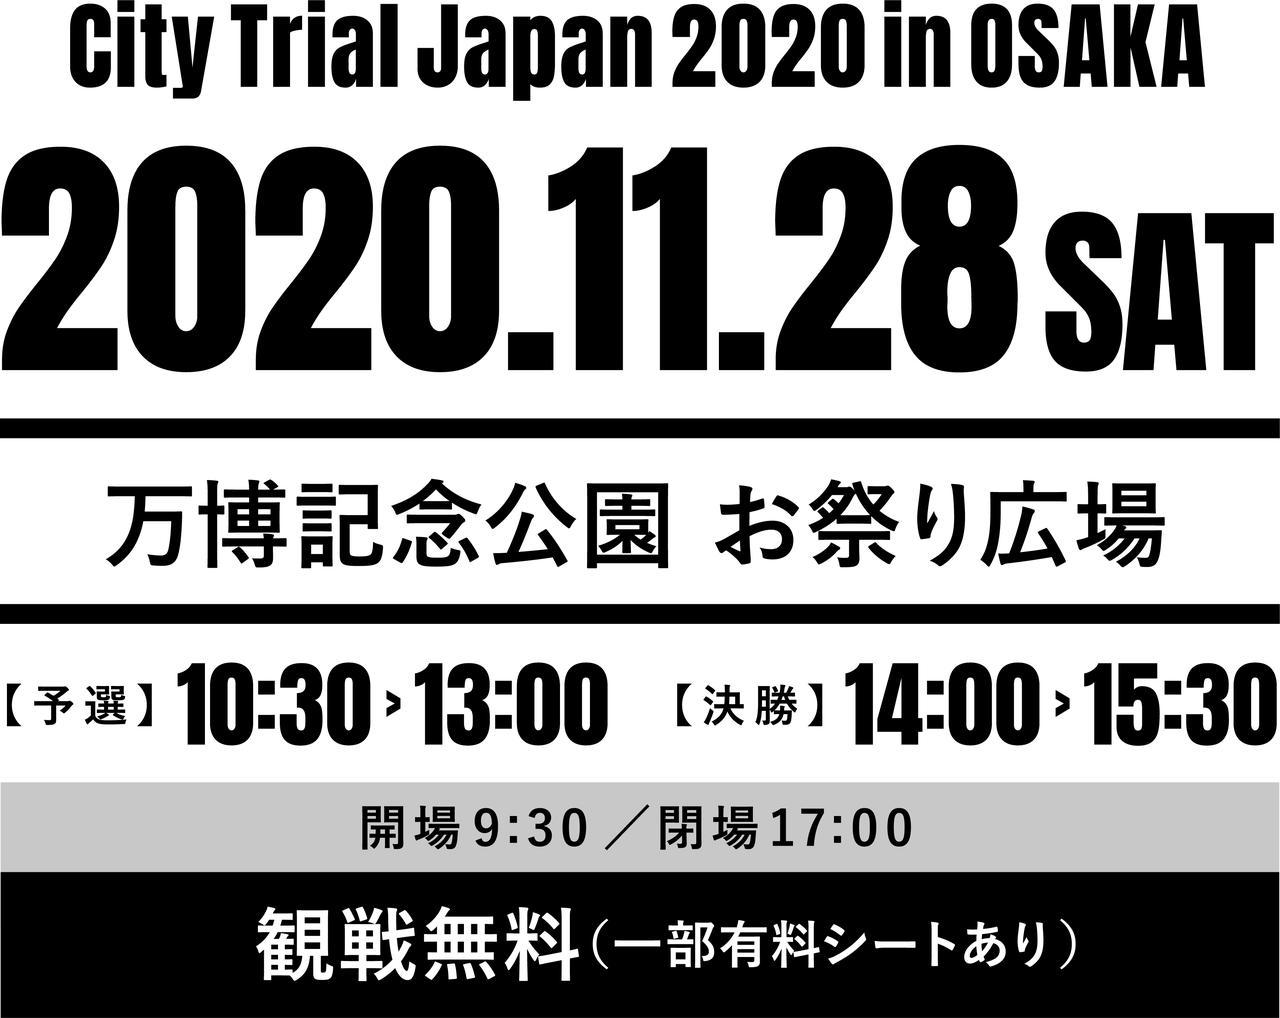 画像: City Trial Japan 2020 in Osaka